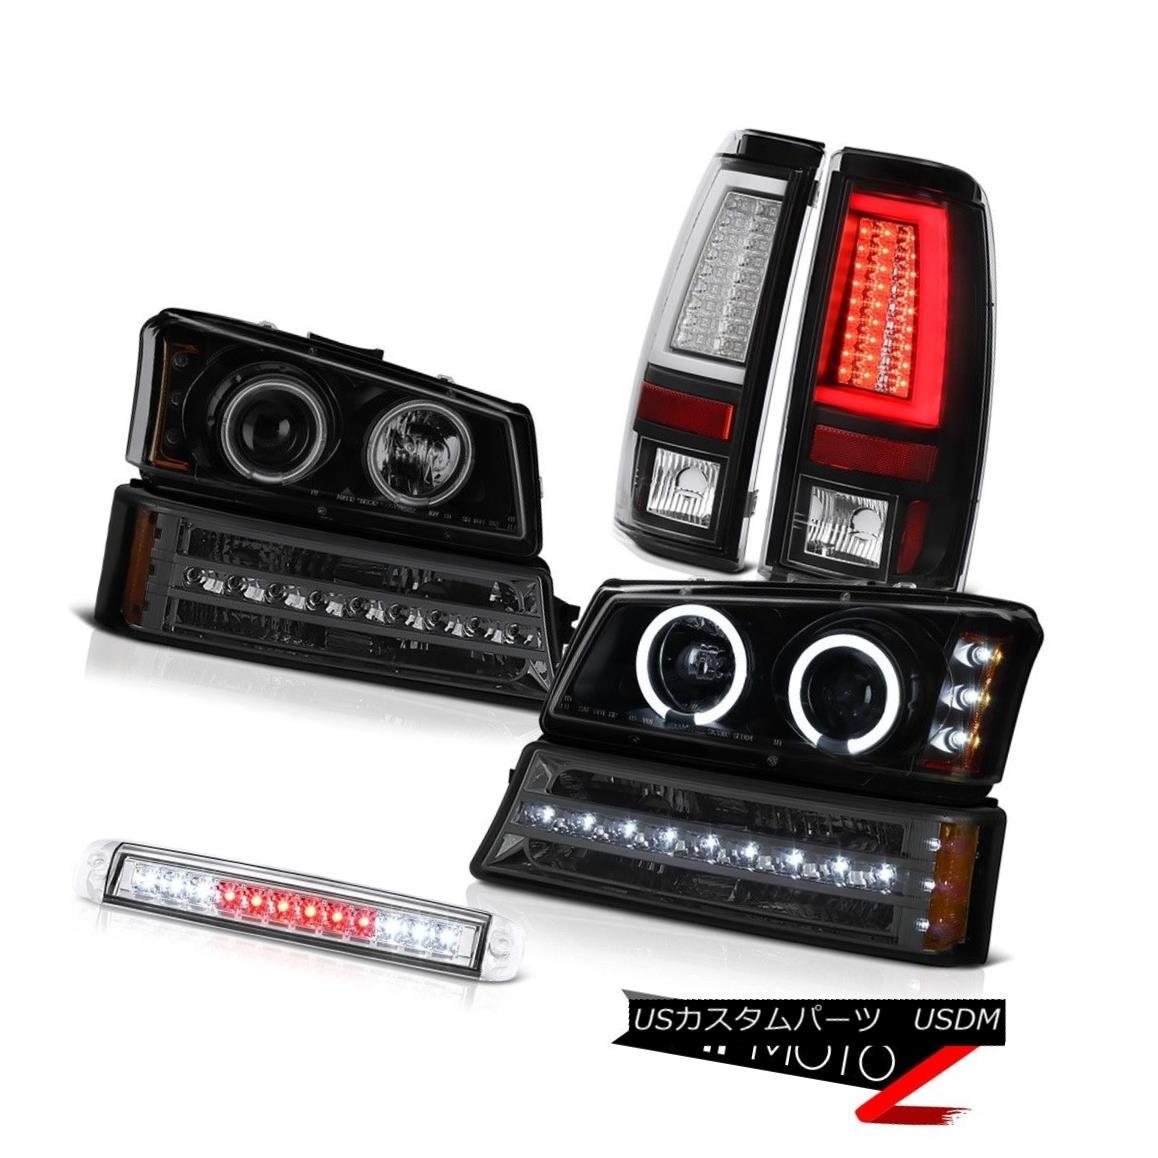 ヘッドライト 2003-2006 Silverado Tail Lamps High Stop Light Bumper Headlights OLED Prism LED 2003-2006シルバラードテールランプハイストップライトバンパーヘッドライトOLEDプリズムLED